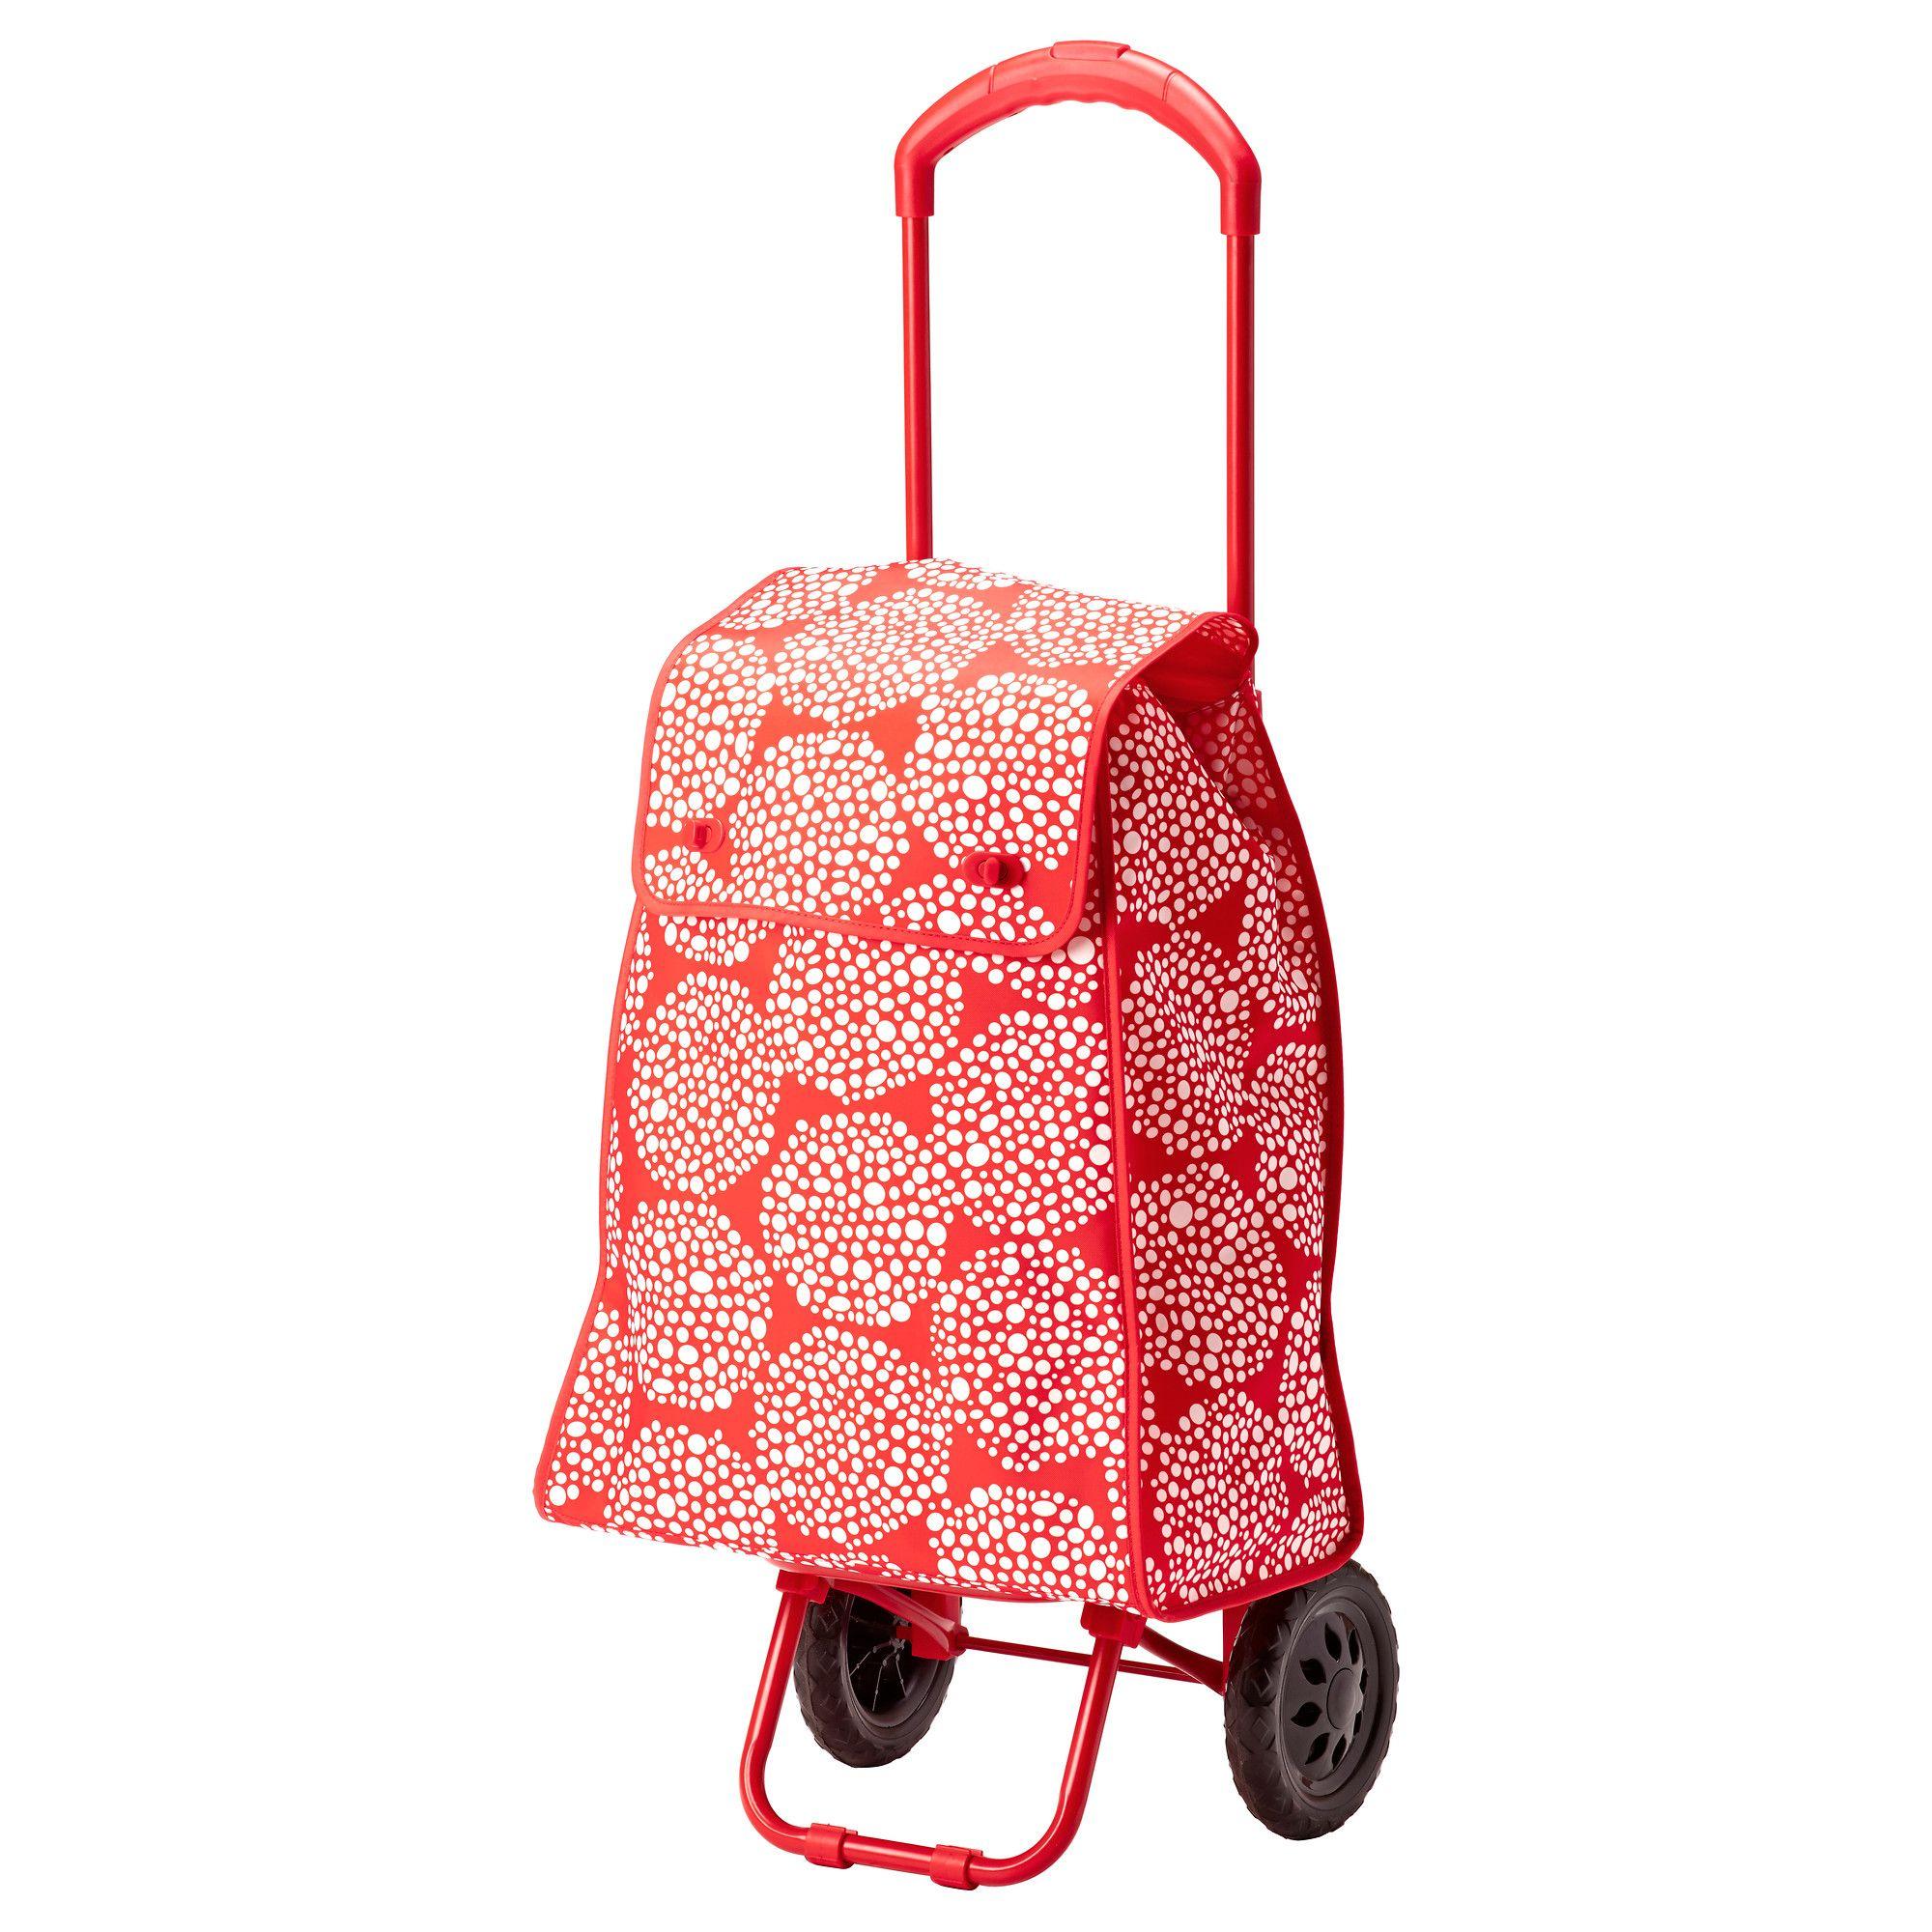 IKEA - KNALLA, Einkaufsroller, rot/weiß, , Der Einkaufsroller lässt sich flach zusammenlegen und daher leicht verstauen.Dank der abnehmbaren Innentasche und dem Schlüsselhaken sind Mobiltelefon, Schlüsselbund und Geldbeutel schnell griffbereit.Der Griff lässt sich in zwei Längen einstellen.Perfekt, um alles Mögliche zu transportieren - ob Schmutzwäsche, Vorräte oder Restmüll.Leicht zu reinigen - einfach mit einem feuchten Tuch abwischen.